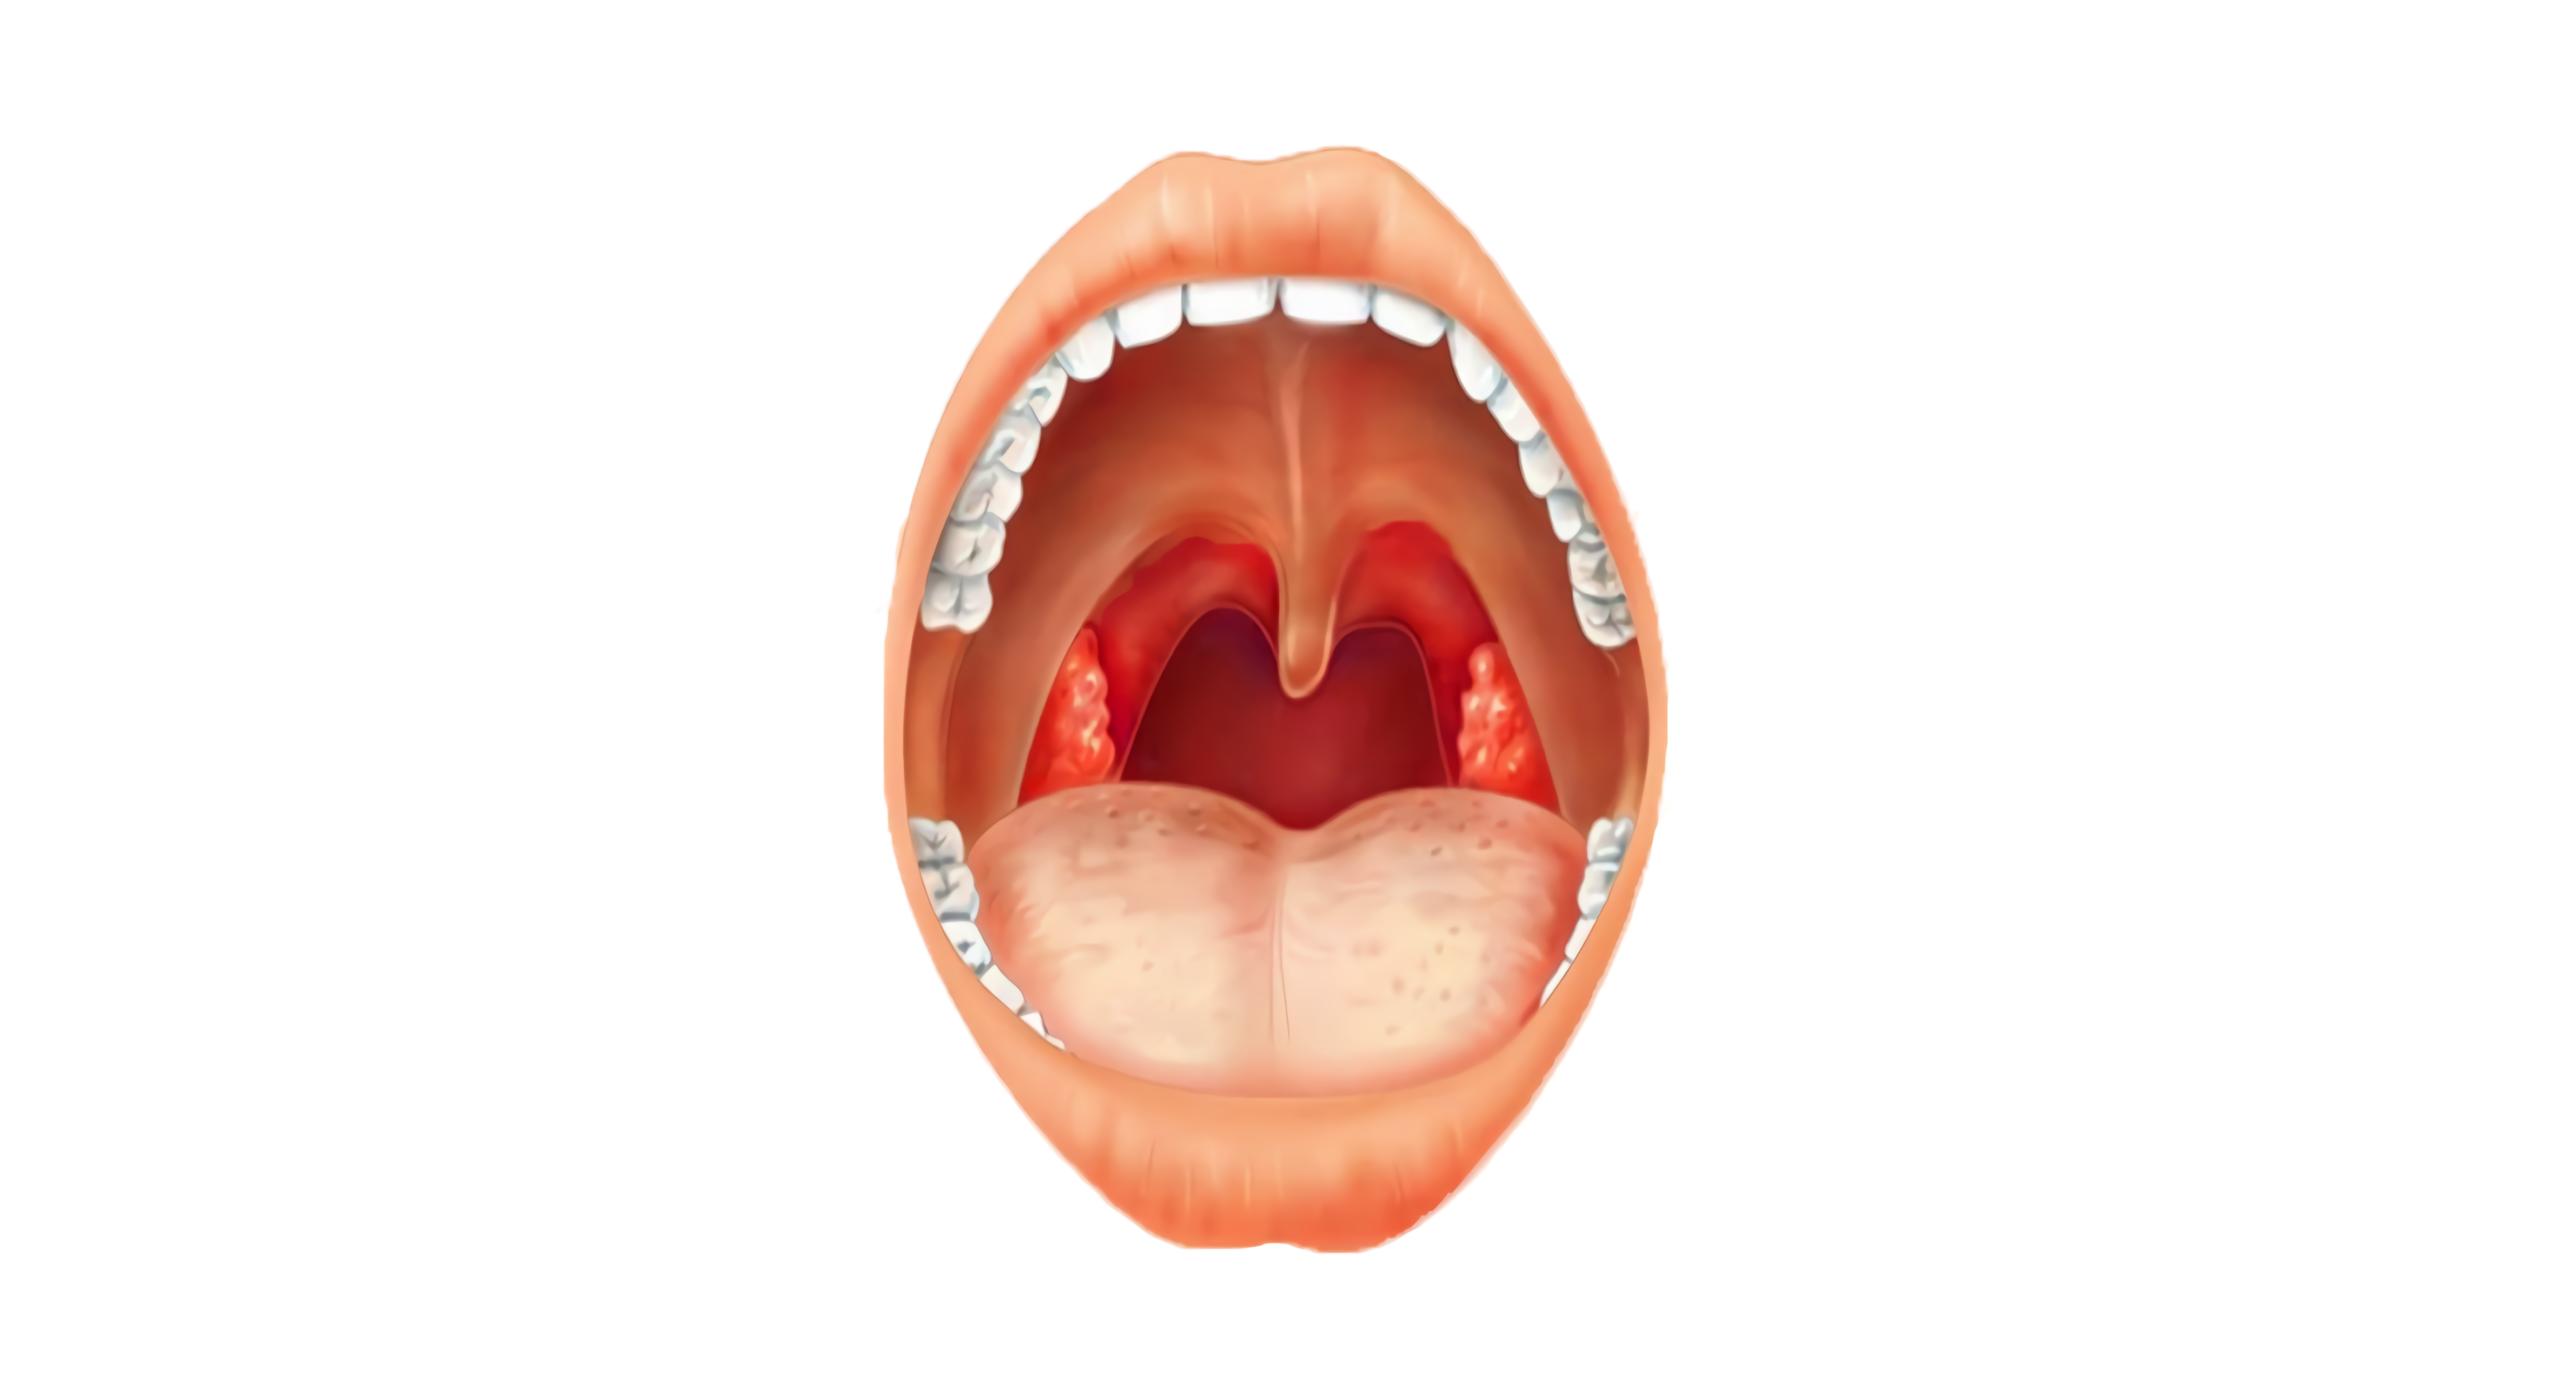 симптомы воспаления гланд